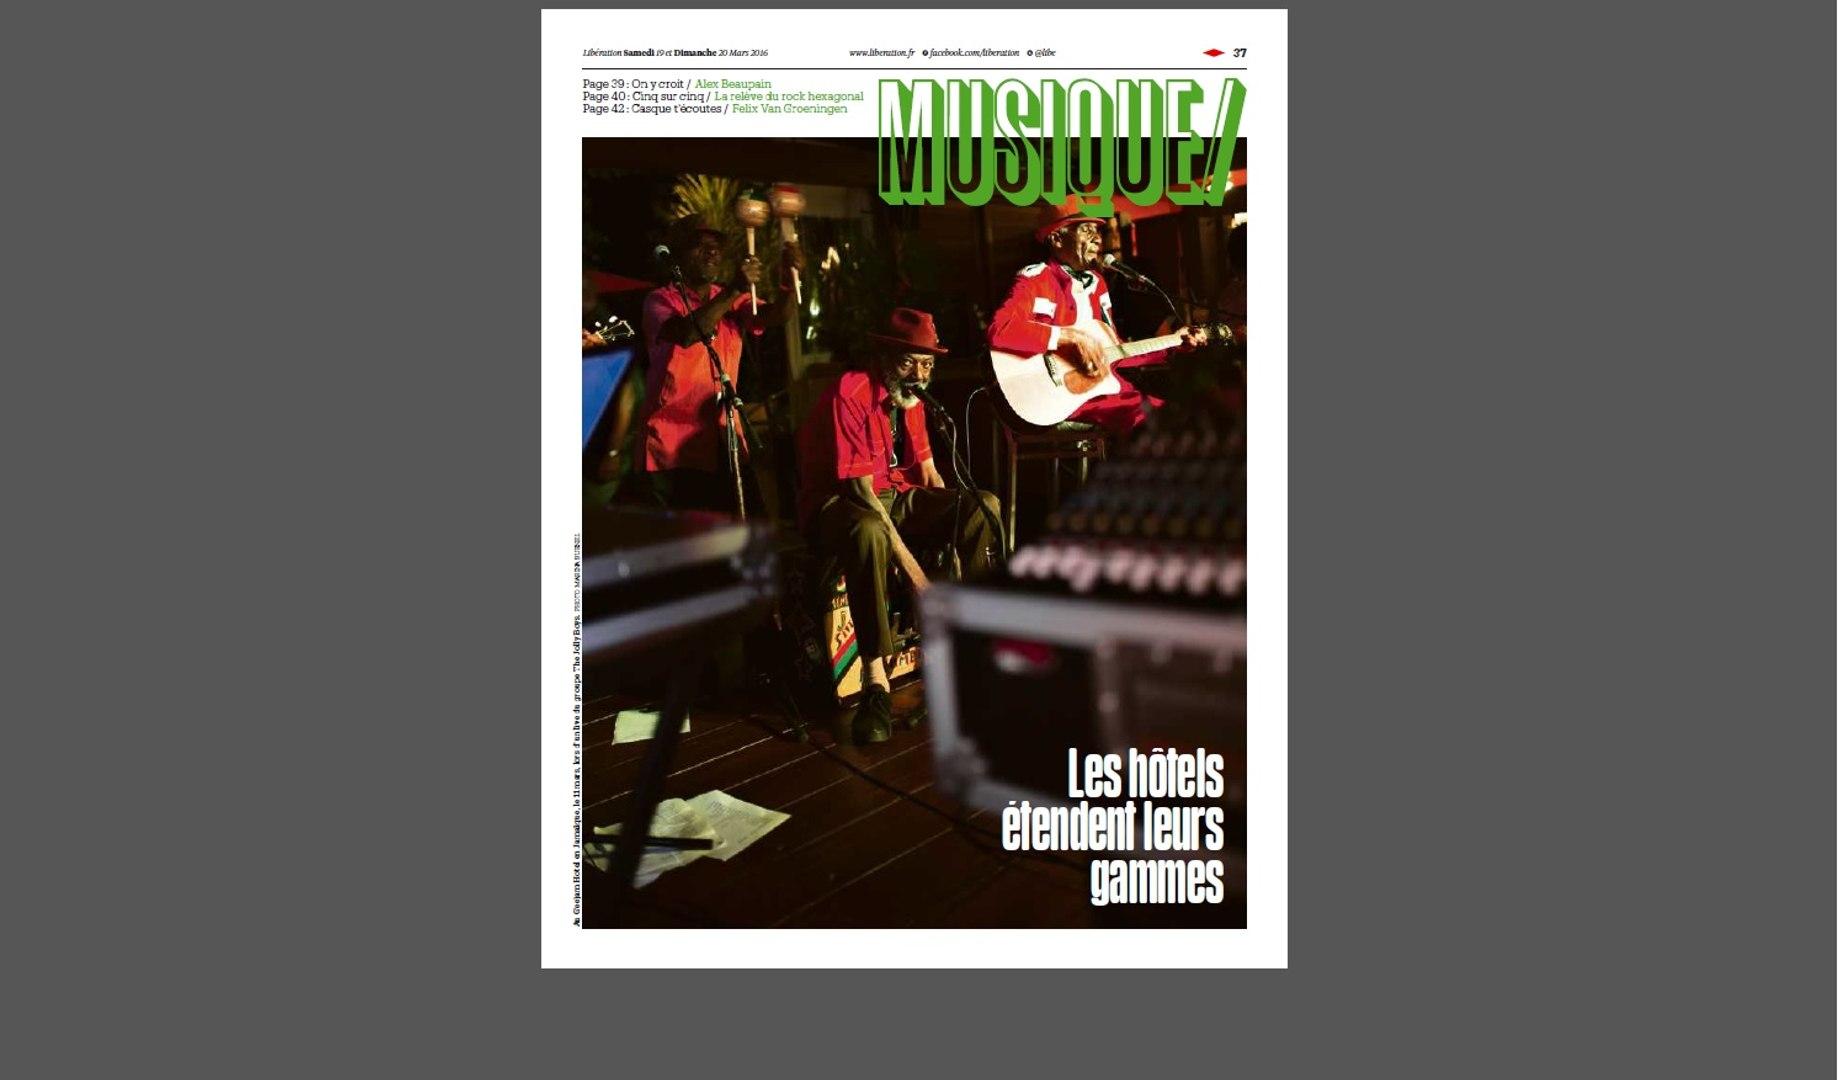 Rone, Françoiz Breut, Parquet Courts : la playlist du cahier musique de Libé du 19 mars 2016